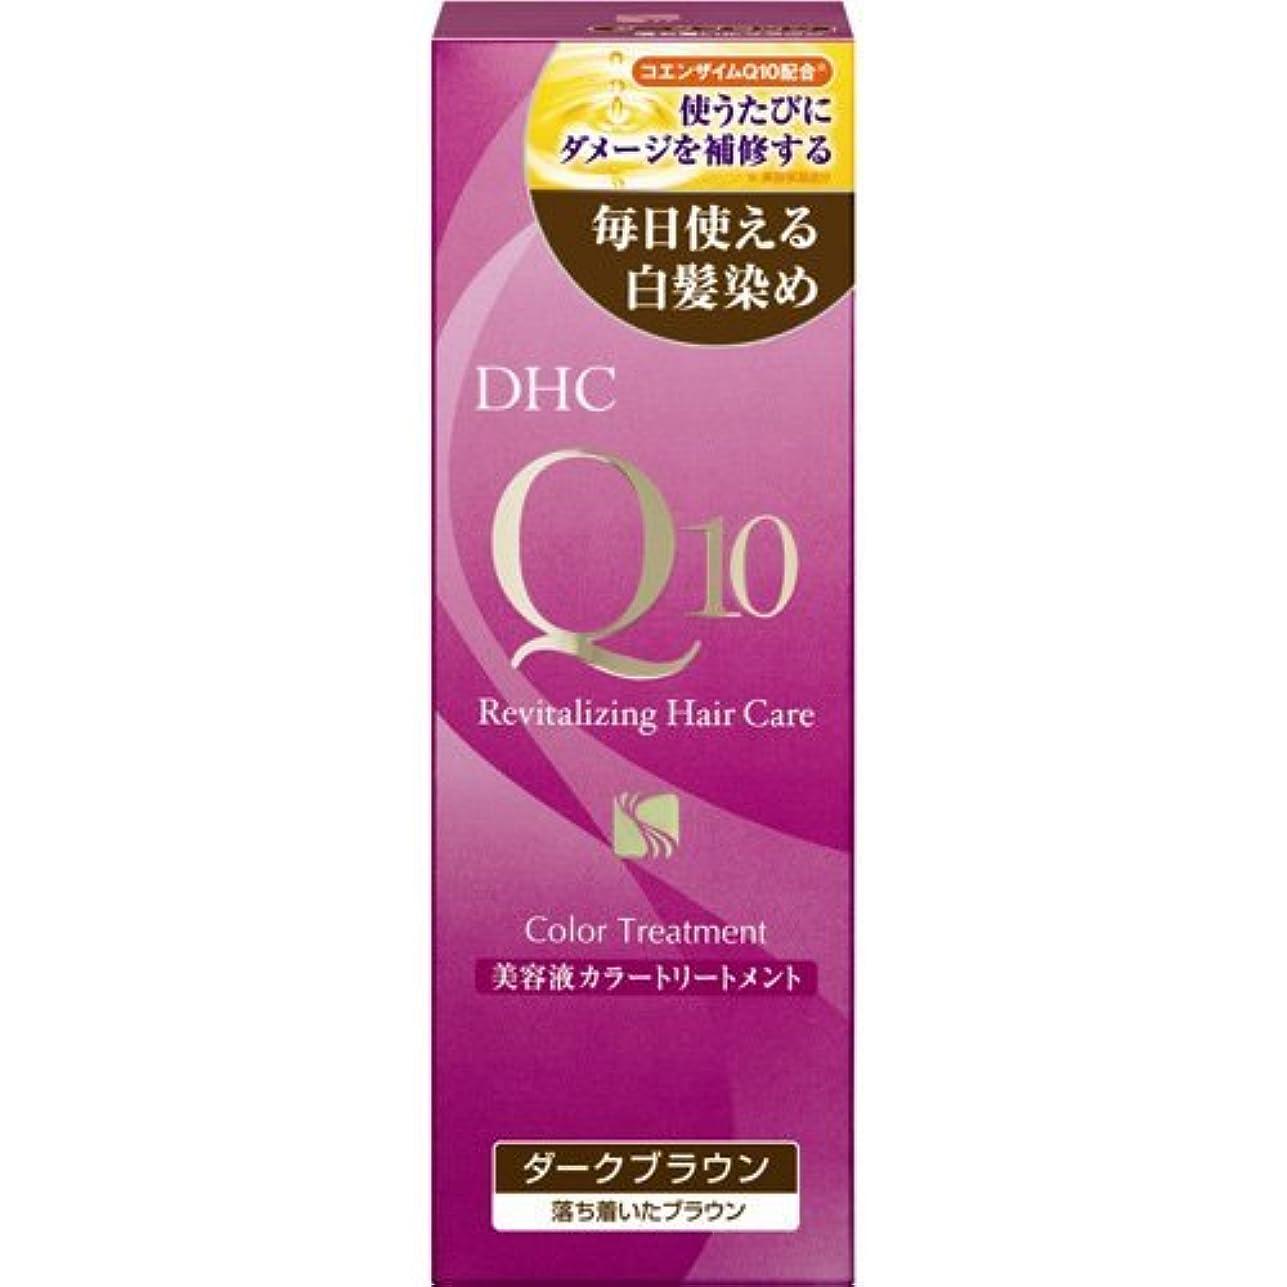 マウンド外国人追記【まとめ買い】DHC Q10美溶液カラートリートメントDブラウンSS170g ×6個